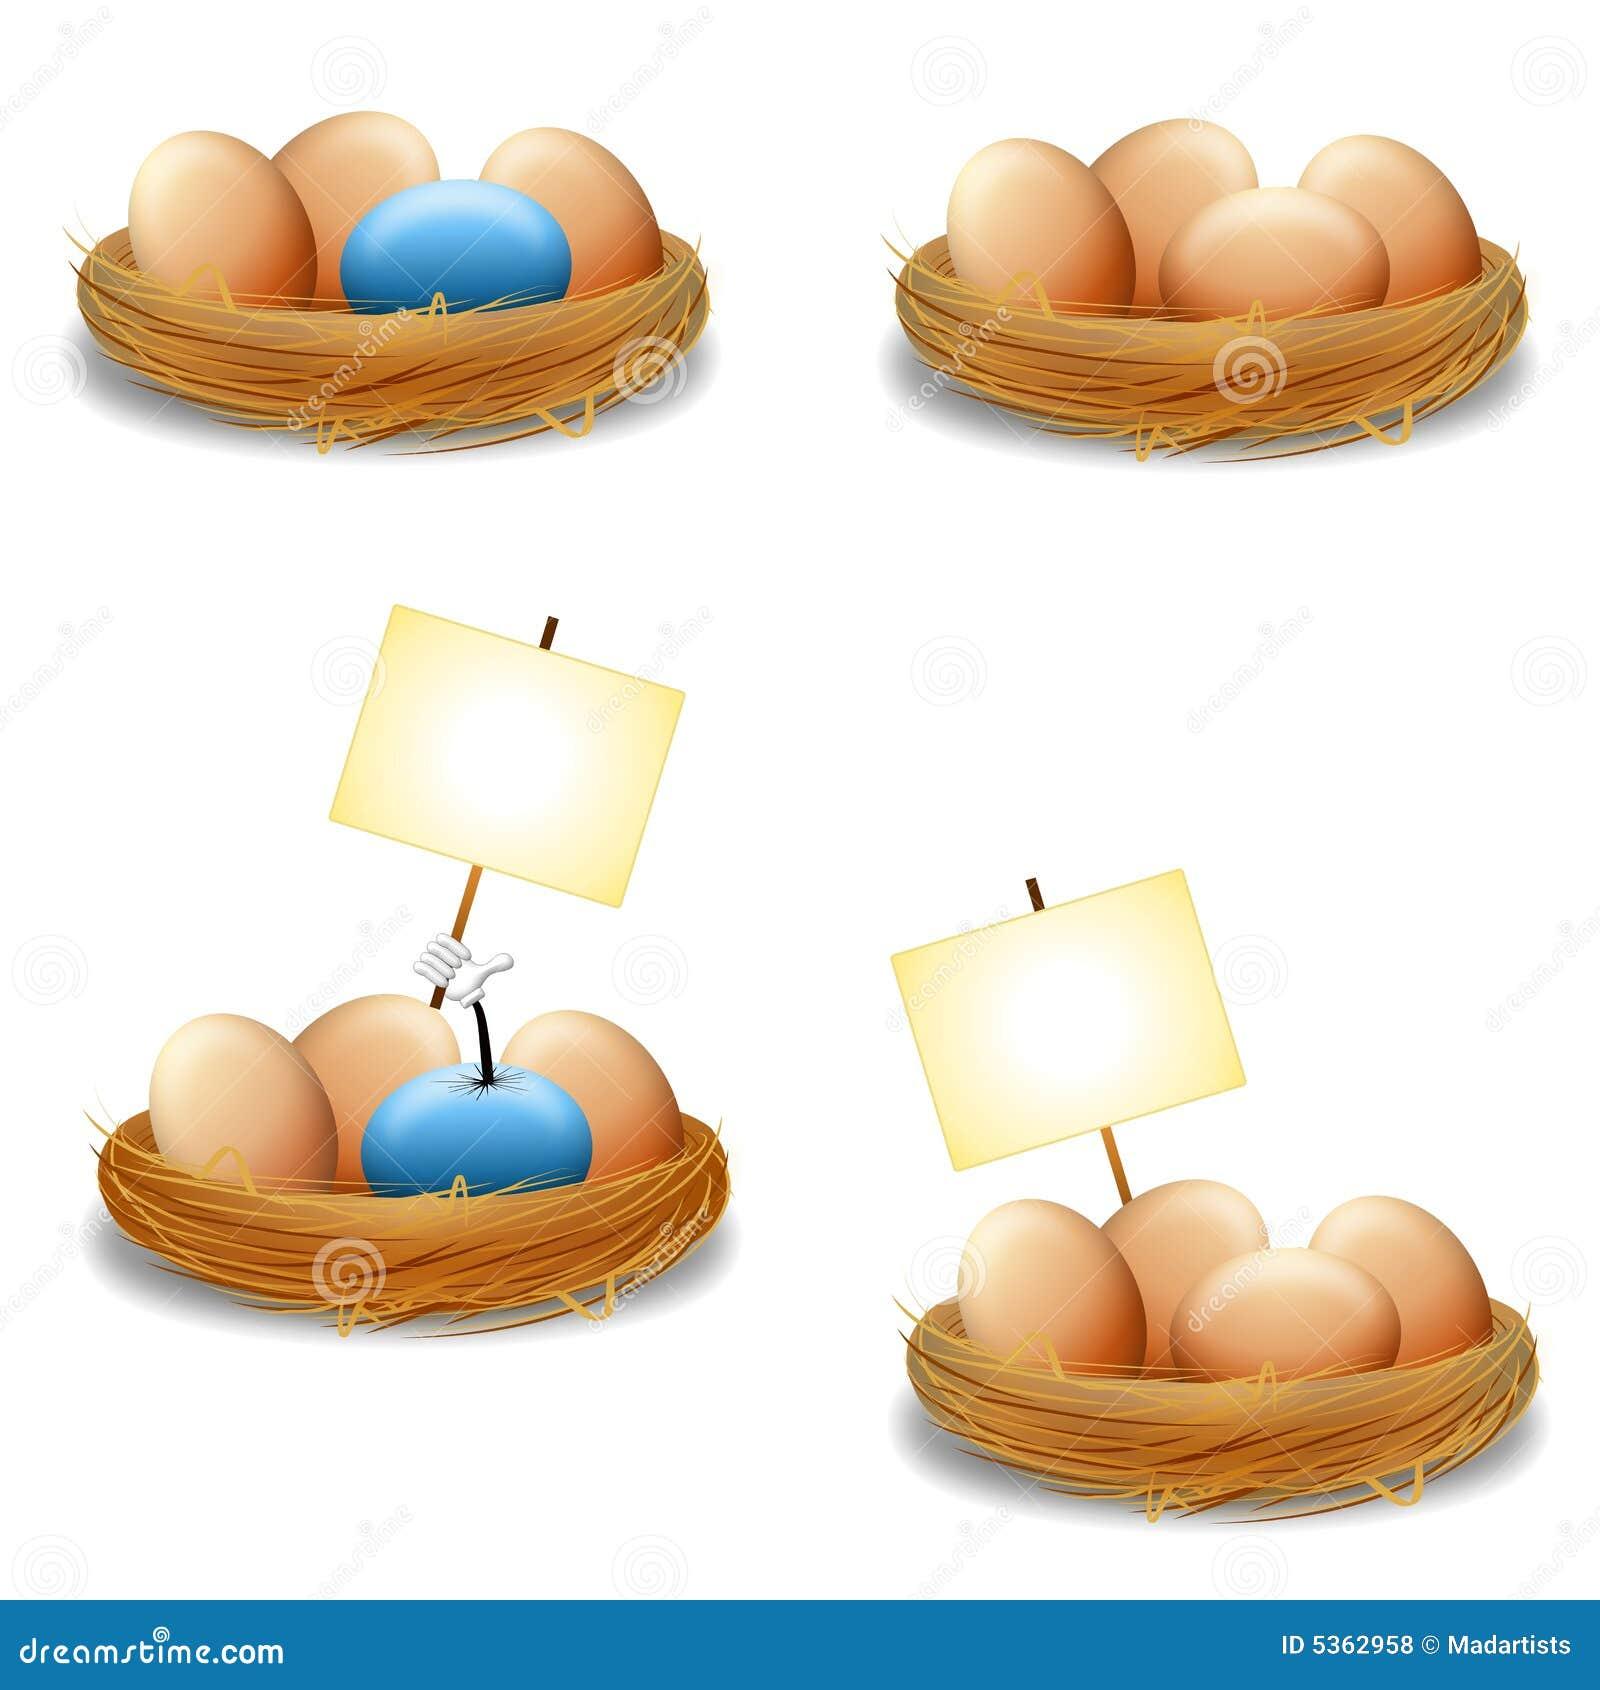 Ovos no ninho com sinais